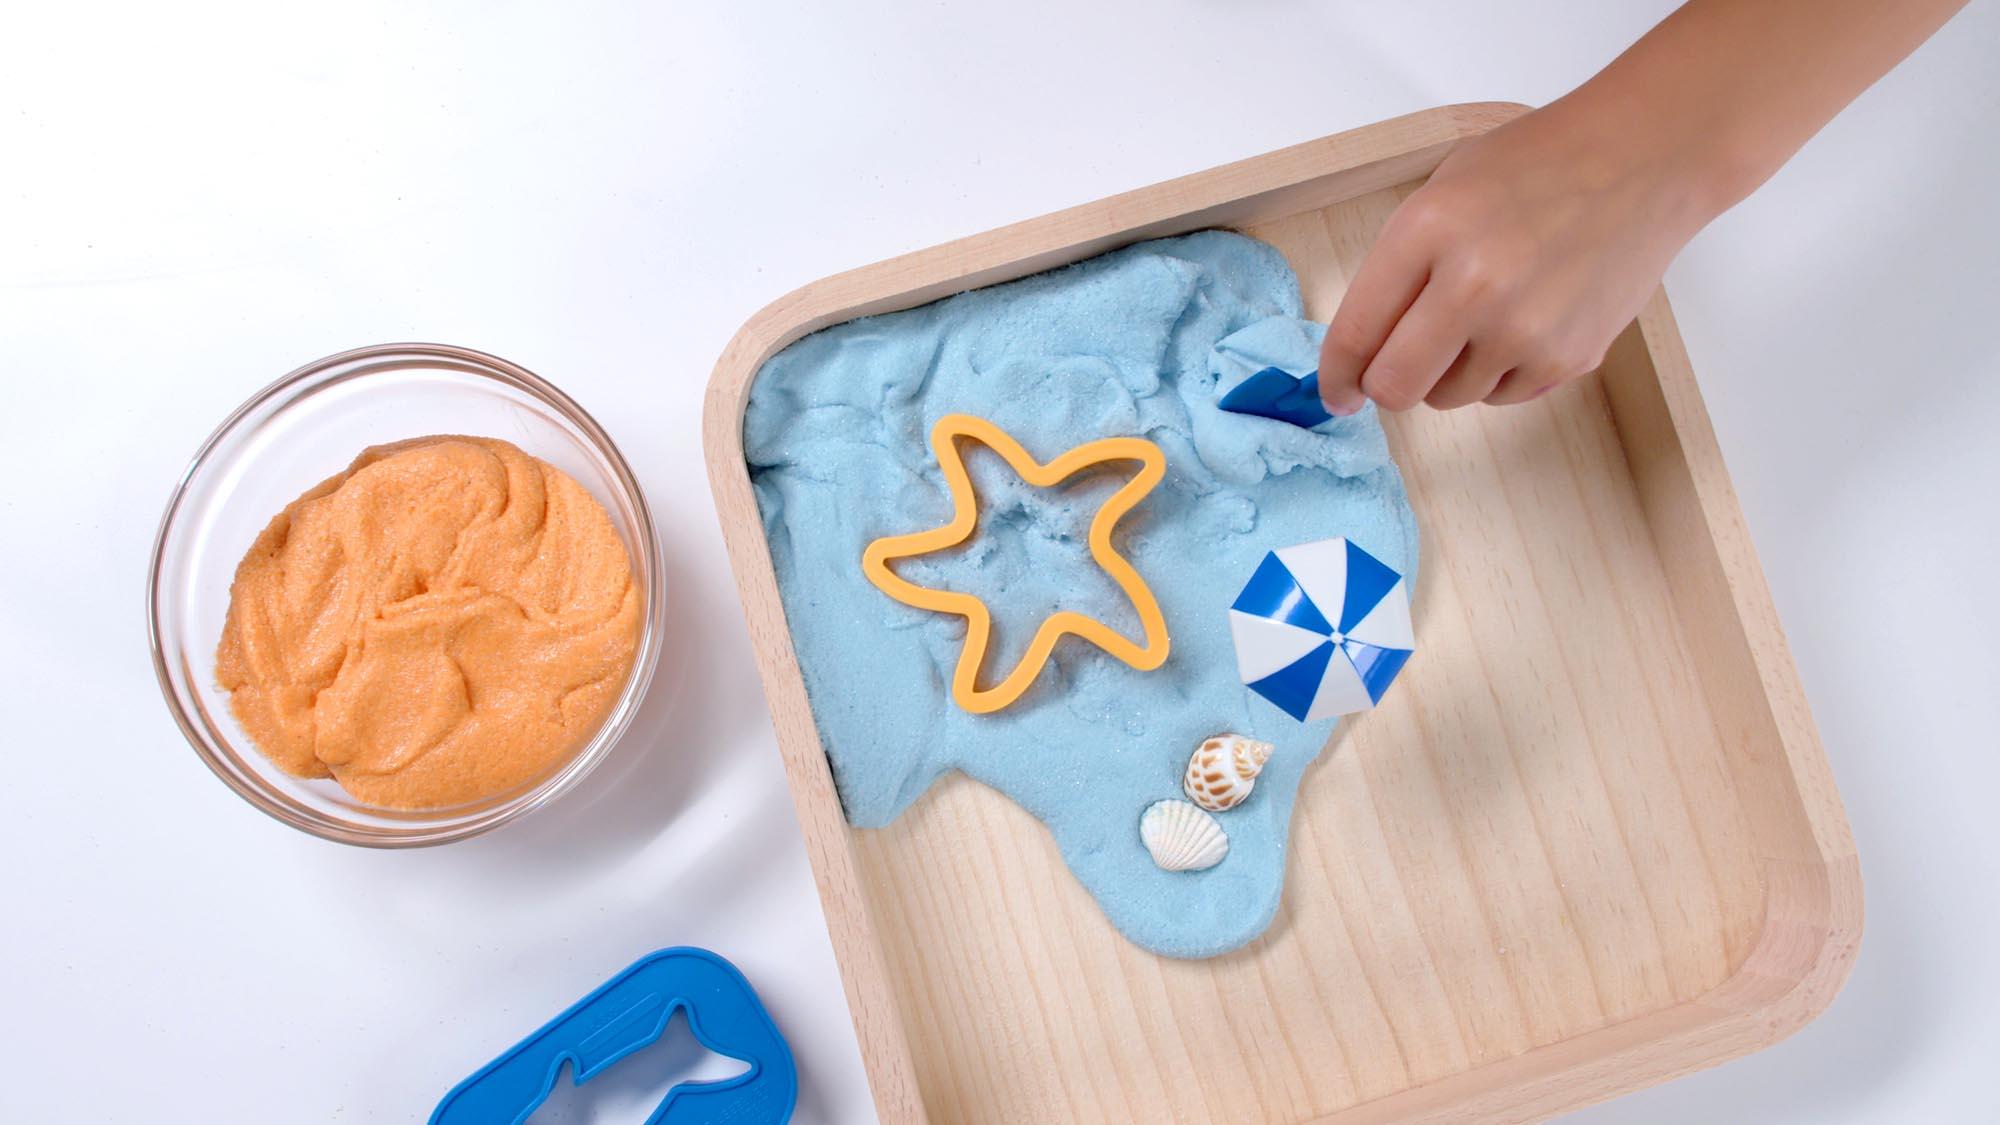 Vous pouvez faire différentes formes avec le sable magique